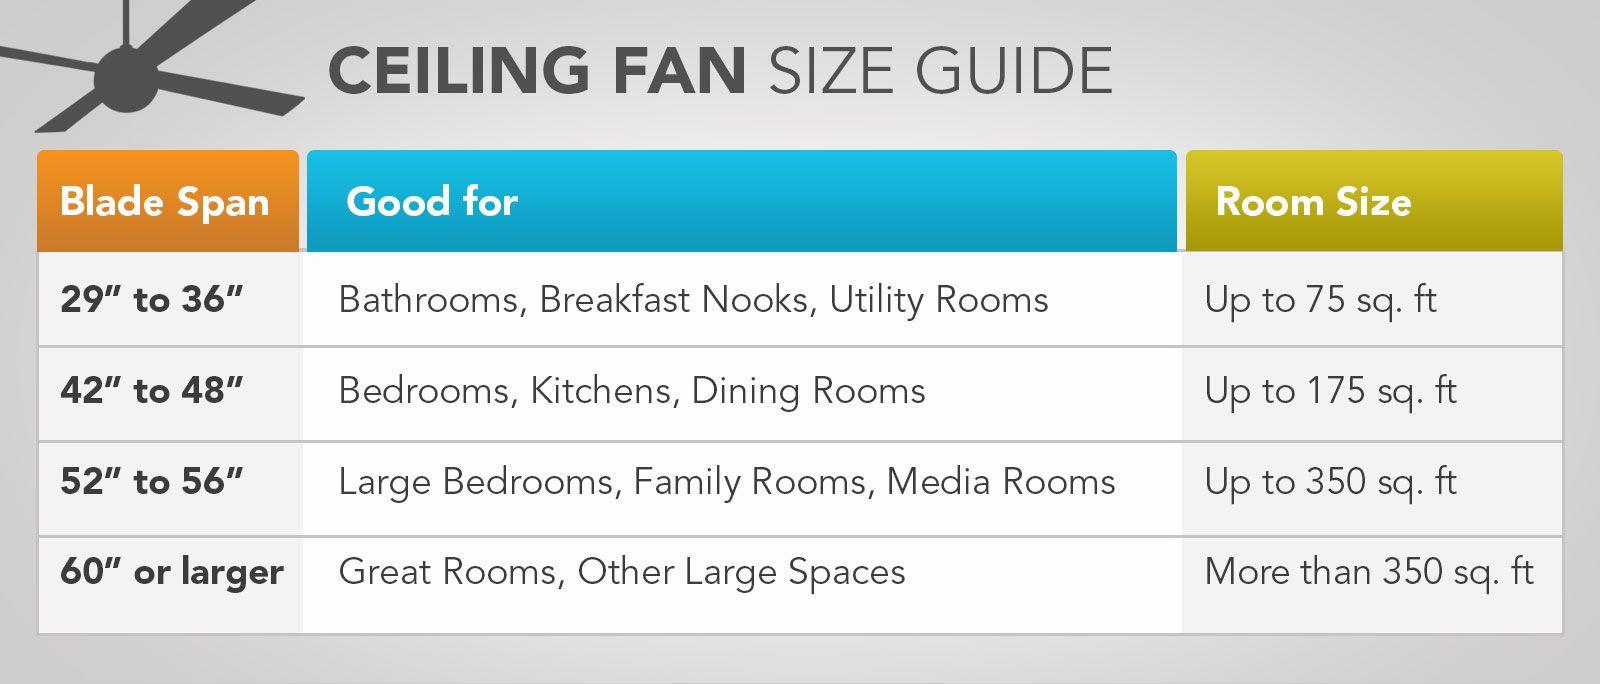 Ceiling fan size guide home pinterest ceiling fan ceilings fan facts how to choose a new ceiling fan aloadofball Images